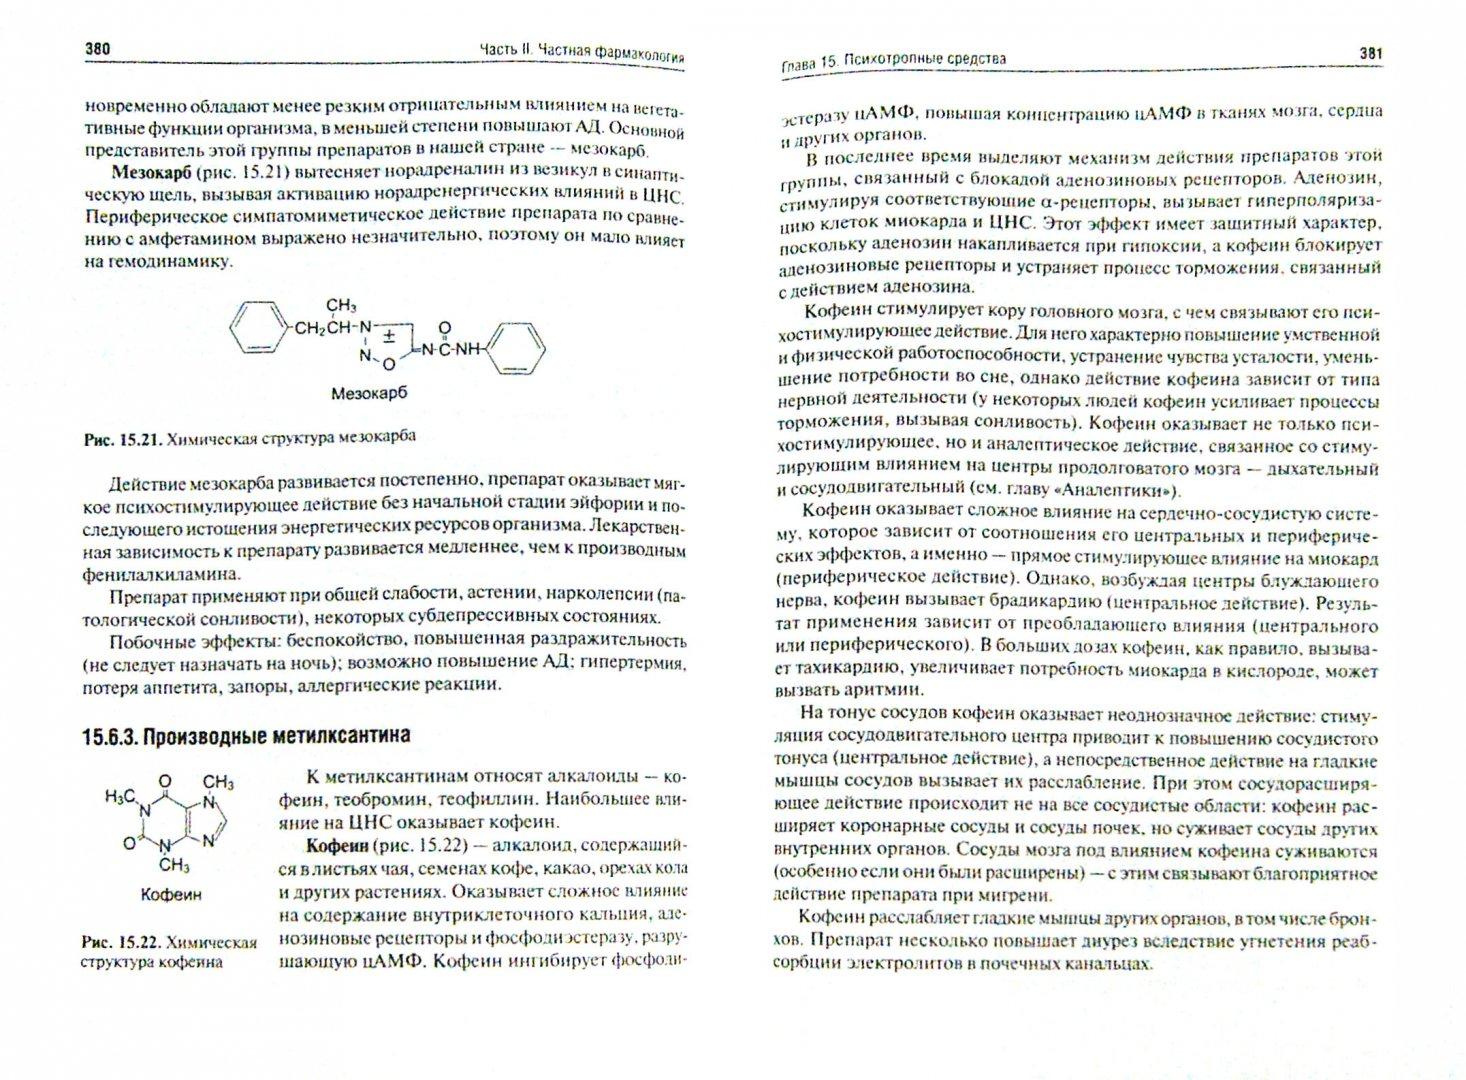 Иллюстрация 1 из 76 для Фармакология. Учебник - Аляутдин, Бондарчук, Давыдова | Лабиринт - книги. Источник: Лабиринт